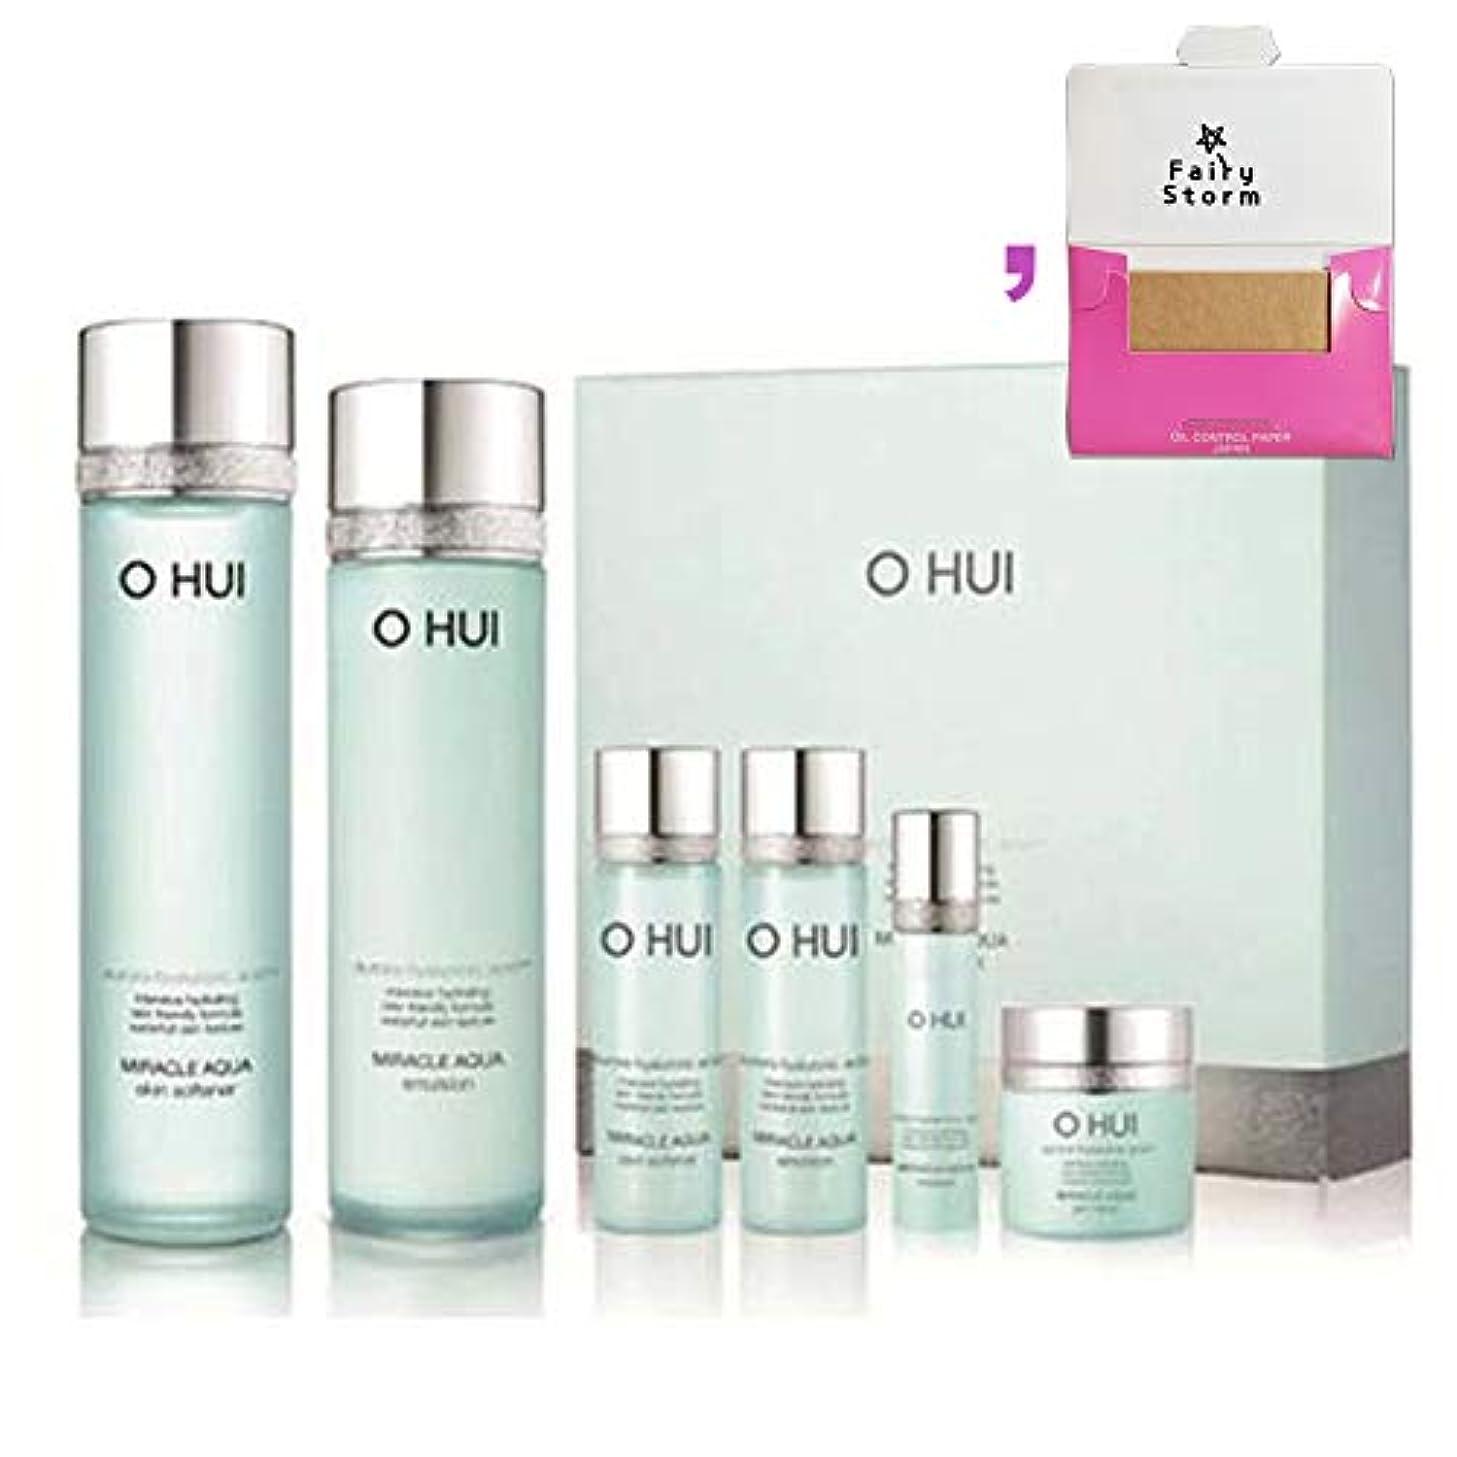 補償同種の歯痛[オフィ/O HUI]韓国化粧品LG生活健康/O HUI MIRACLE AQUA SPECIAL 2EA SET/ミラクルアクア 2種セット+[Sample Gift](海外直送品)